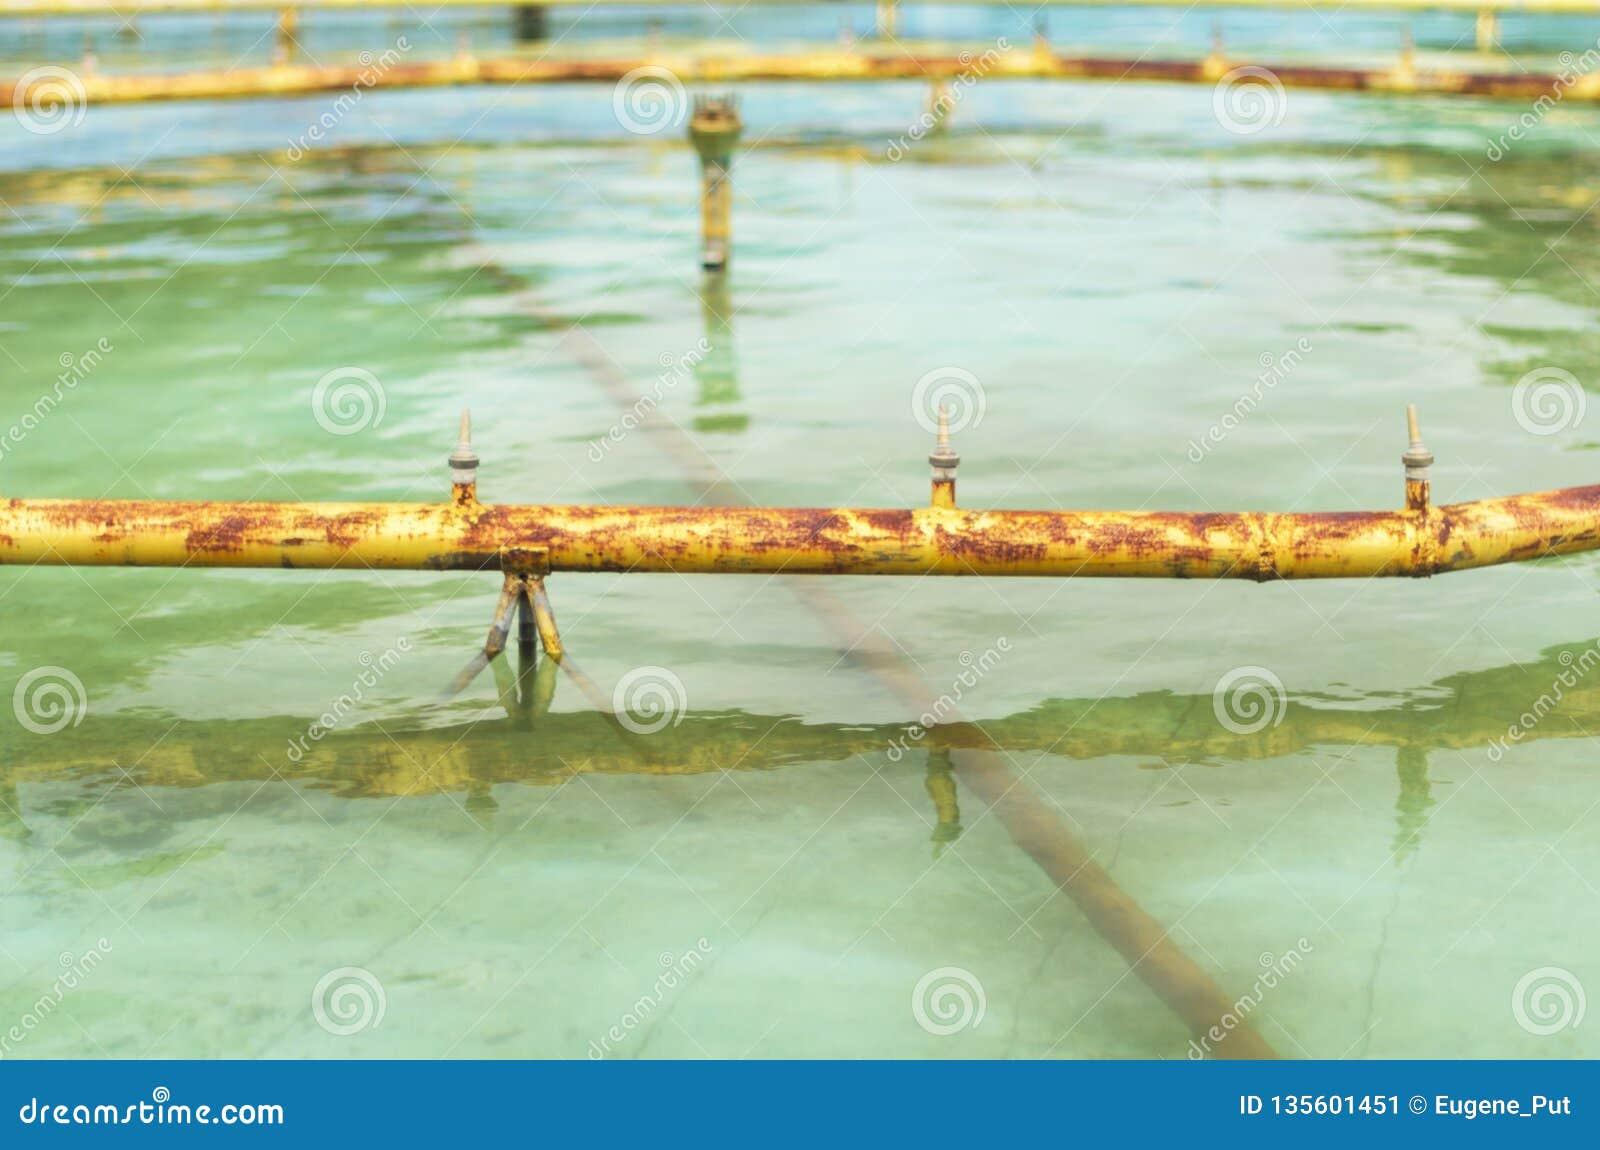 Заржаветые желтые трубы и струи воды фонтана, который стекли для обслуживания или обслуживать на летний день